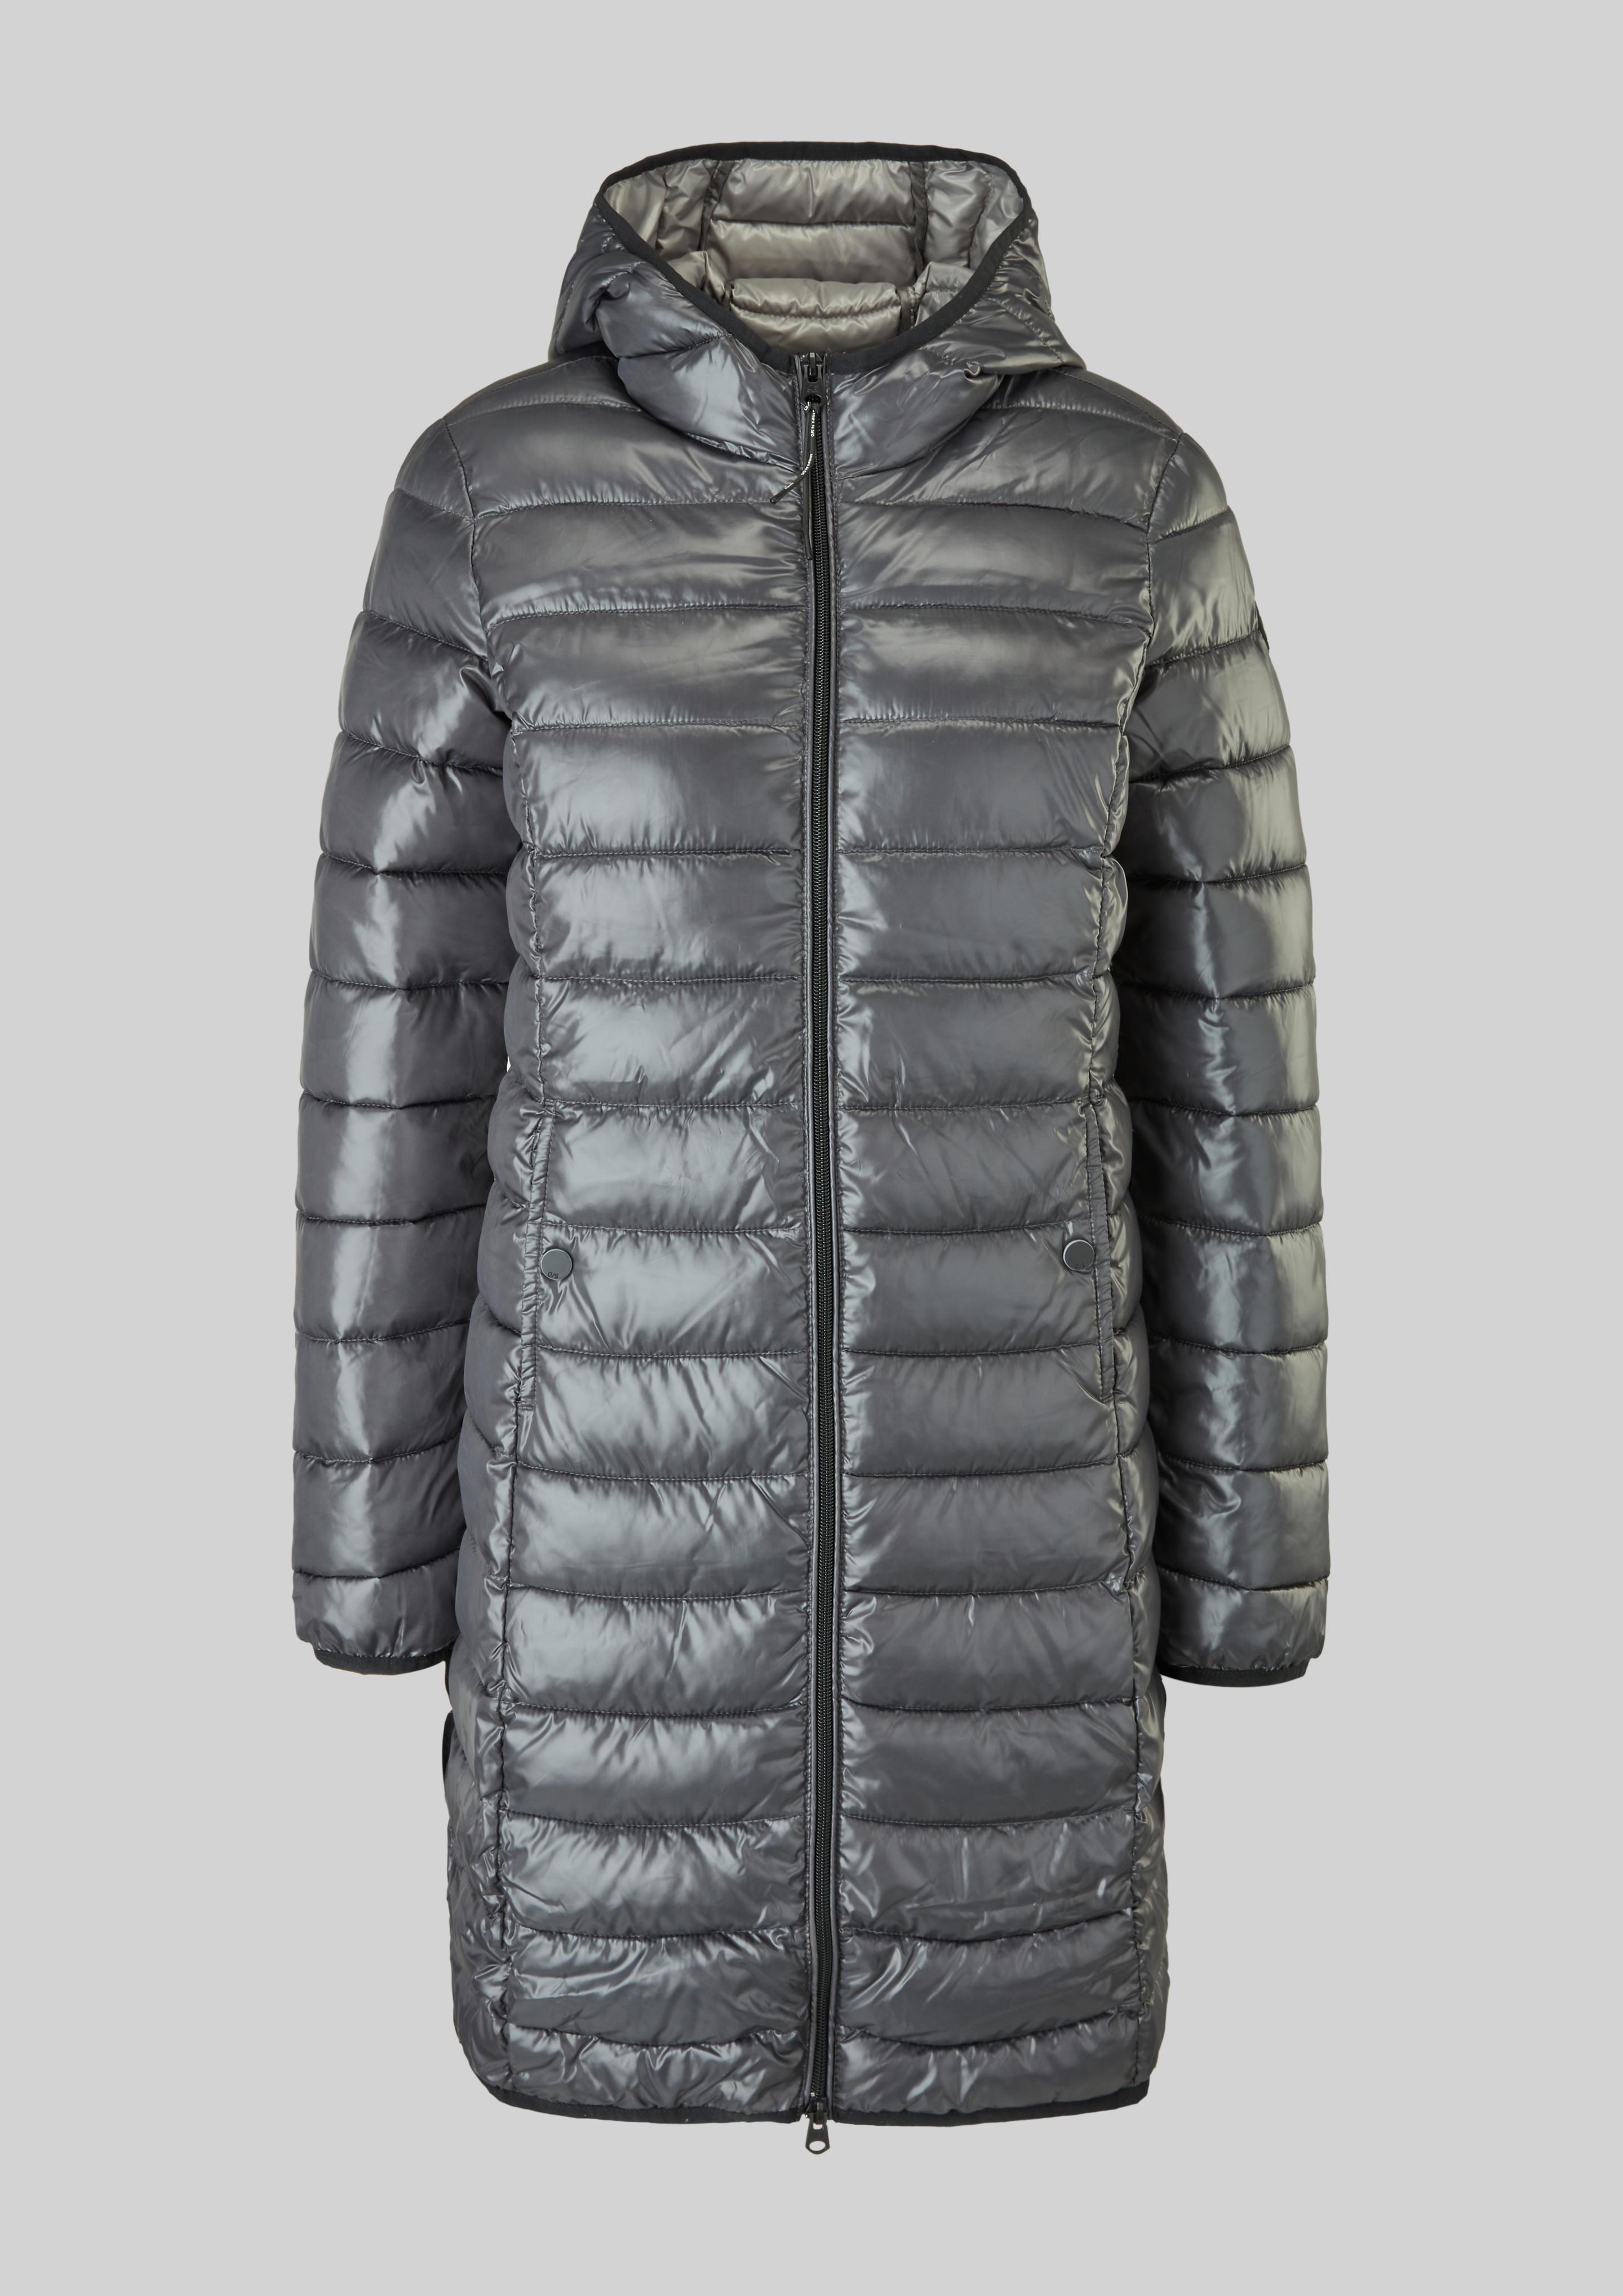 Q/S s.Oliver dámský lehký prošívaný kabát s kapucí šedý